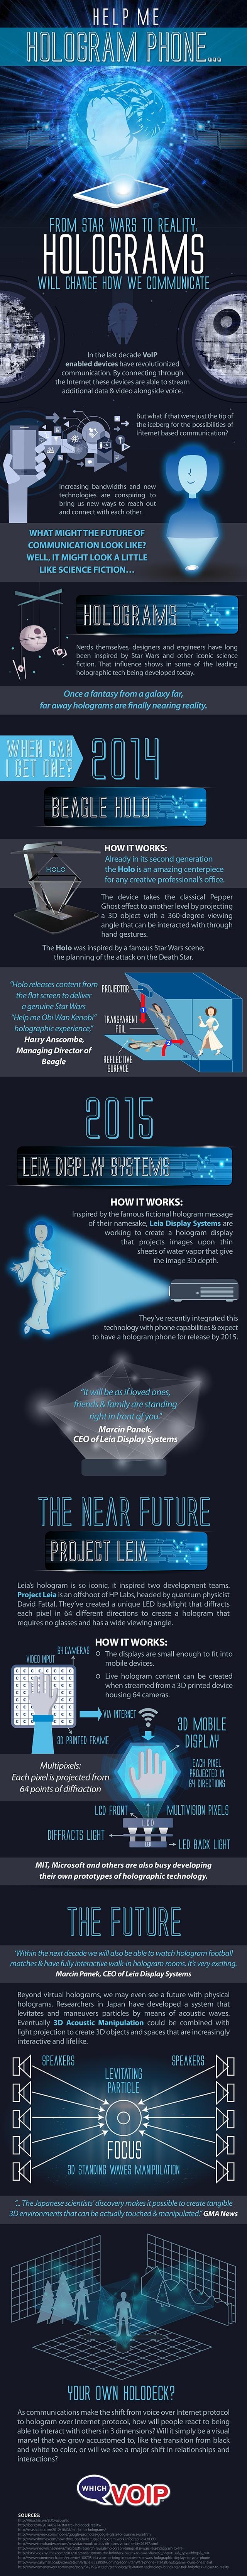 Hologram Phones IG